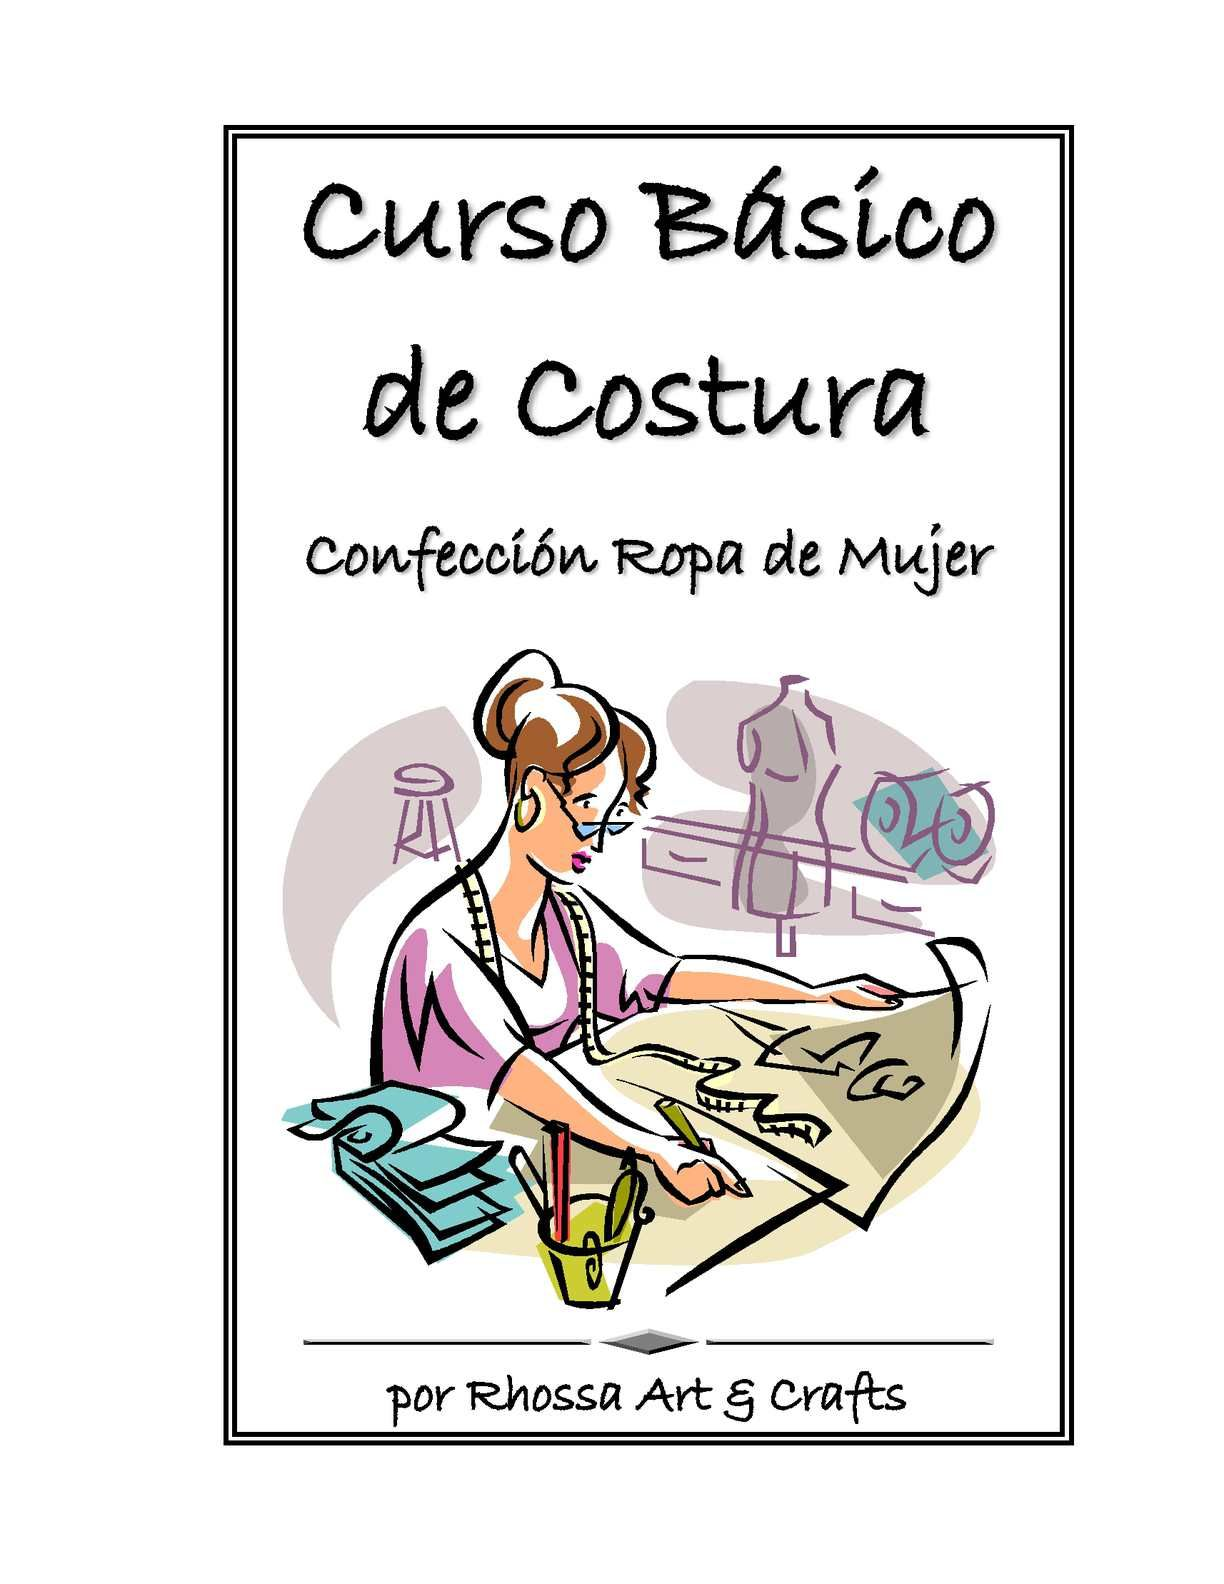 CURSO BASICO DE COSTURA - Confección Ropa Mujer | maquinas y ...